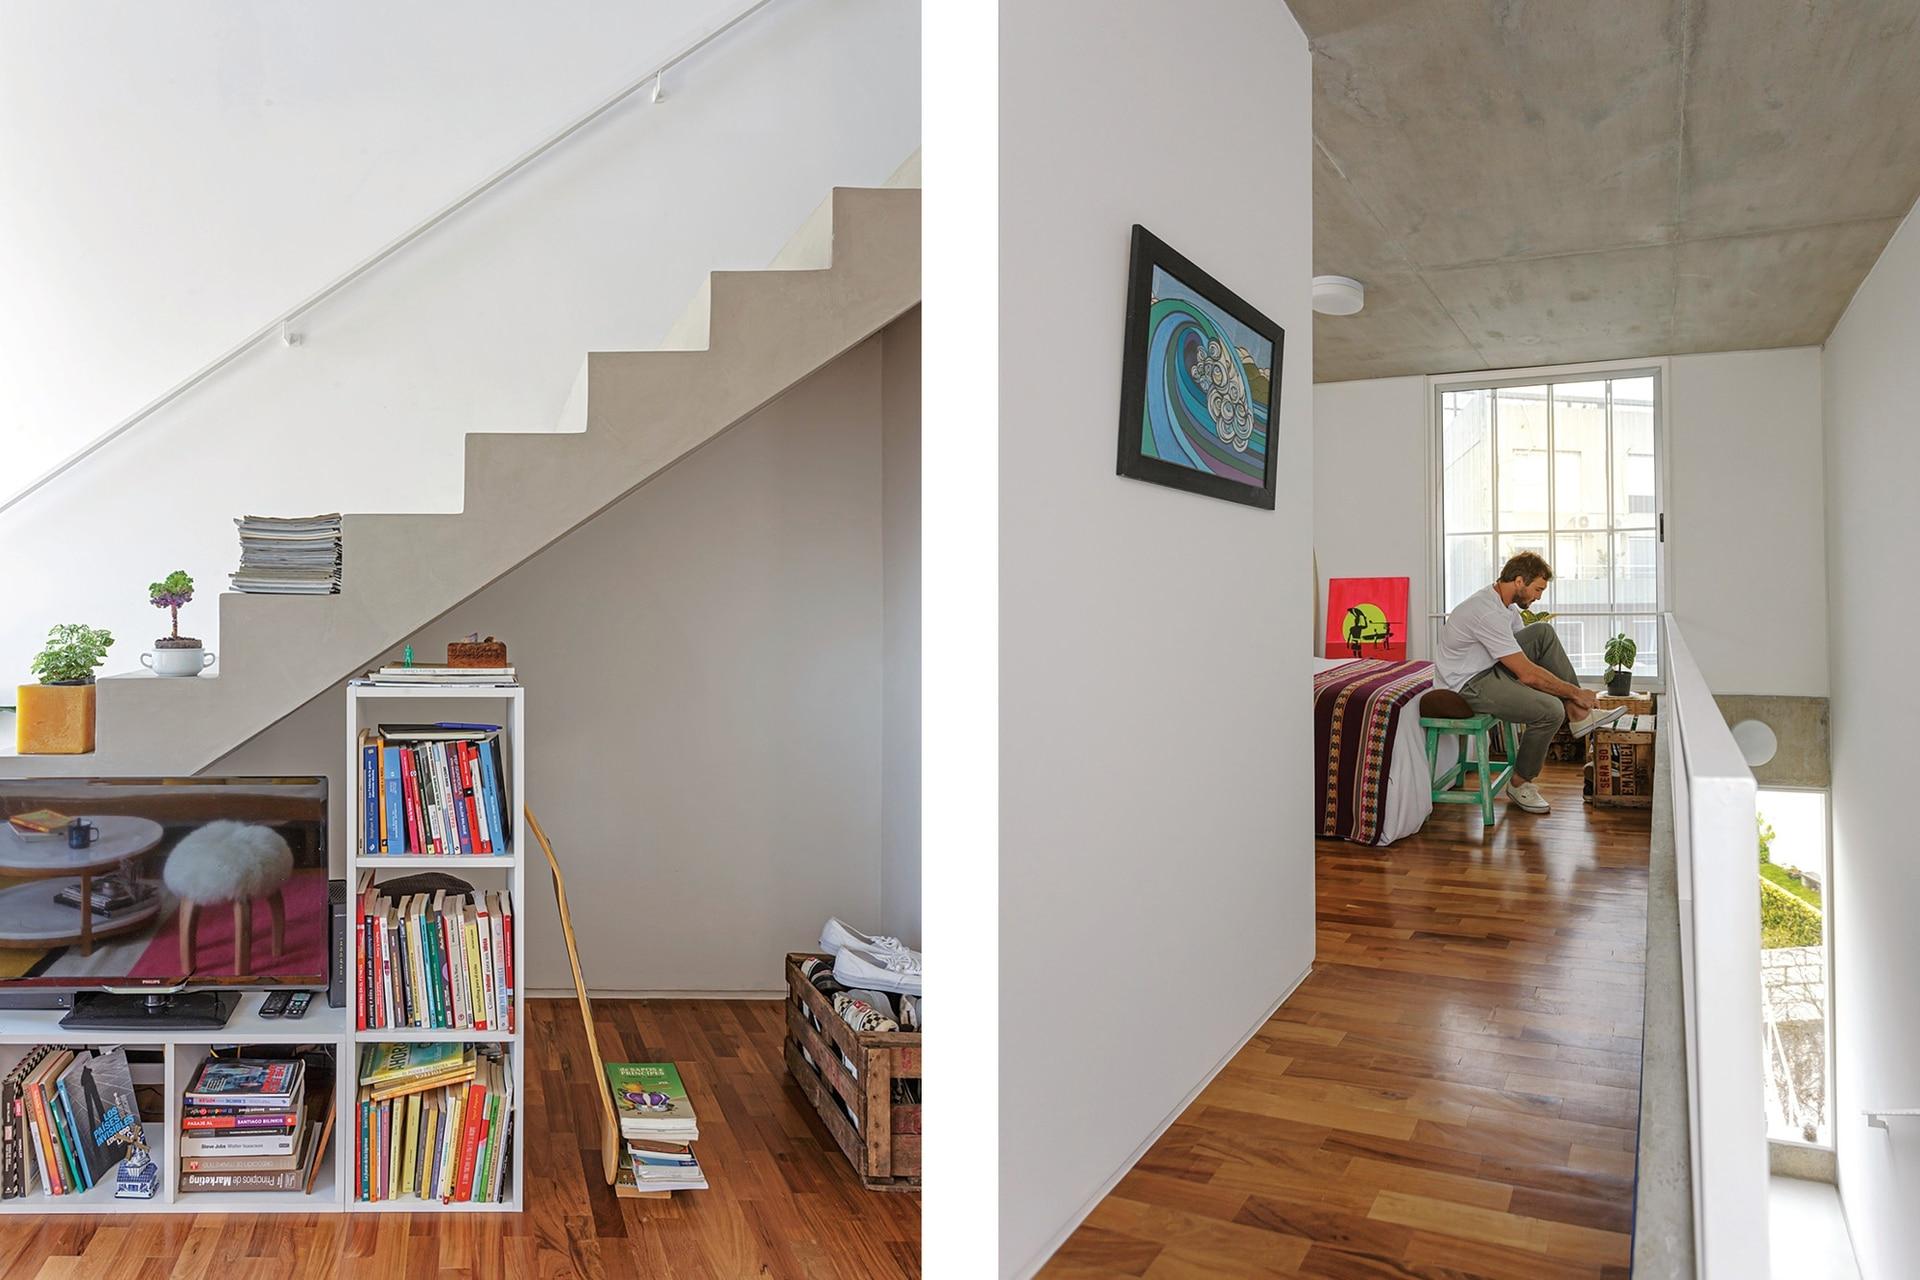 Pablo imitó el recurso de su vecina: la escalera es ancha y tan linda que funciona muy bien para sumar objetos decorativos.